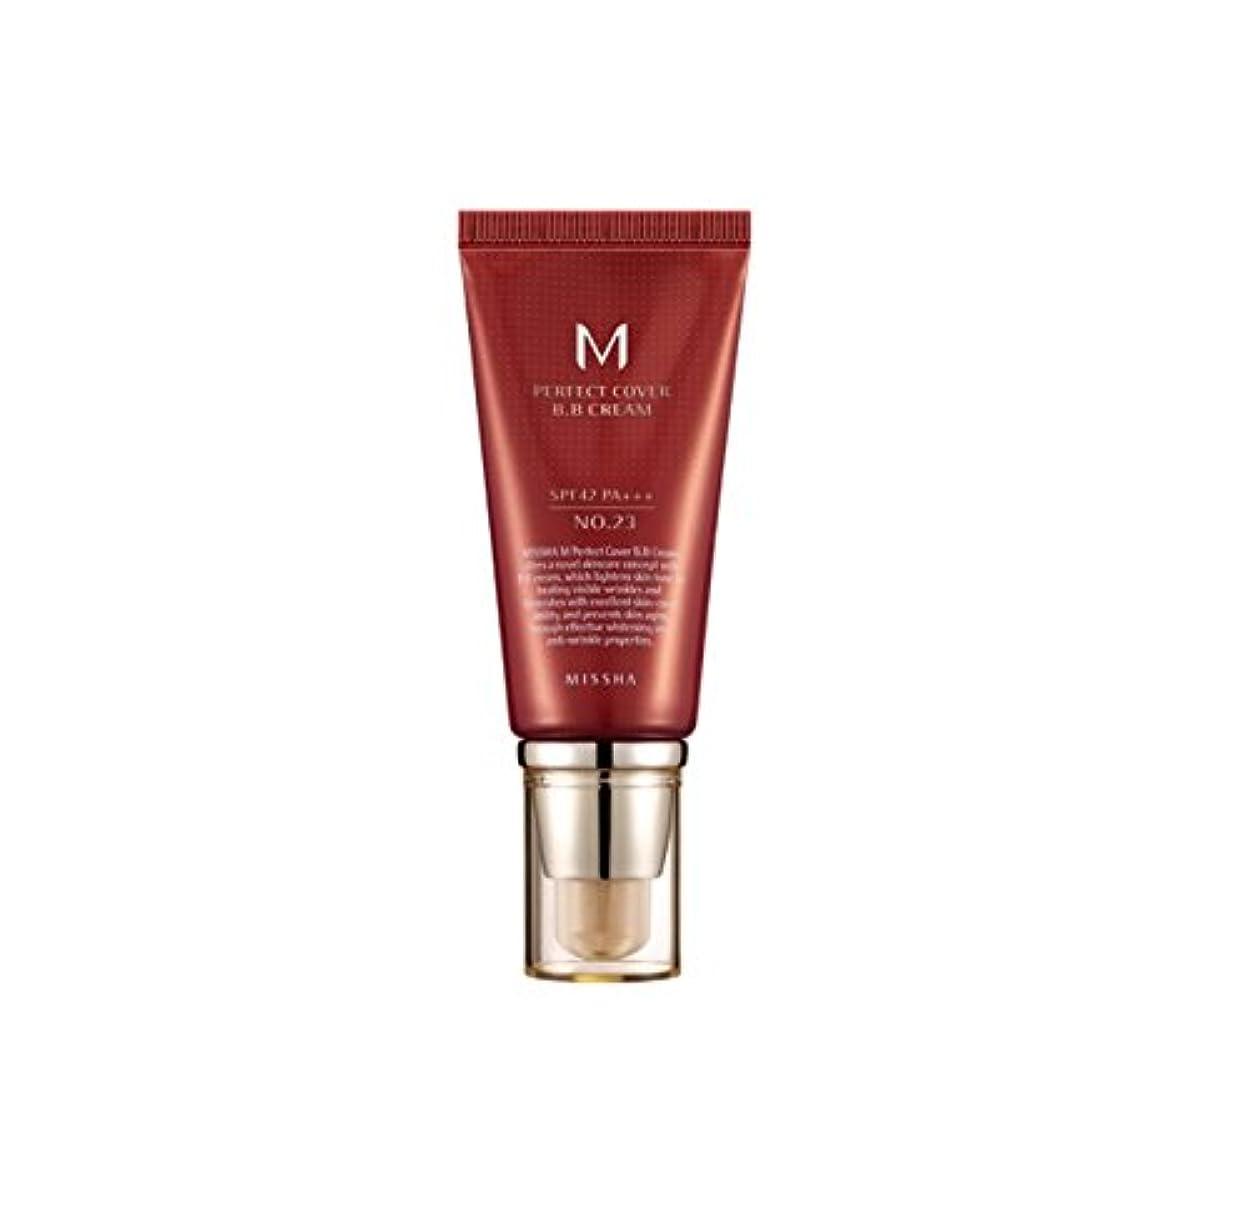 分配します決めます断線MISSHA M Perfect Cover BB Cream No.23 Natural Beige SPF42 PA+++ (50ml)